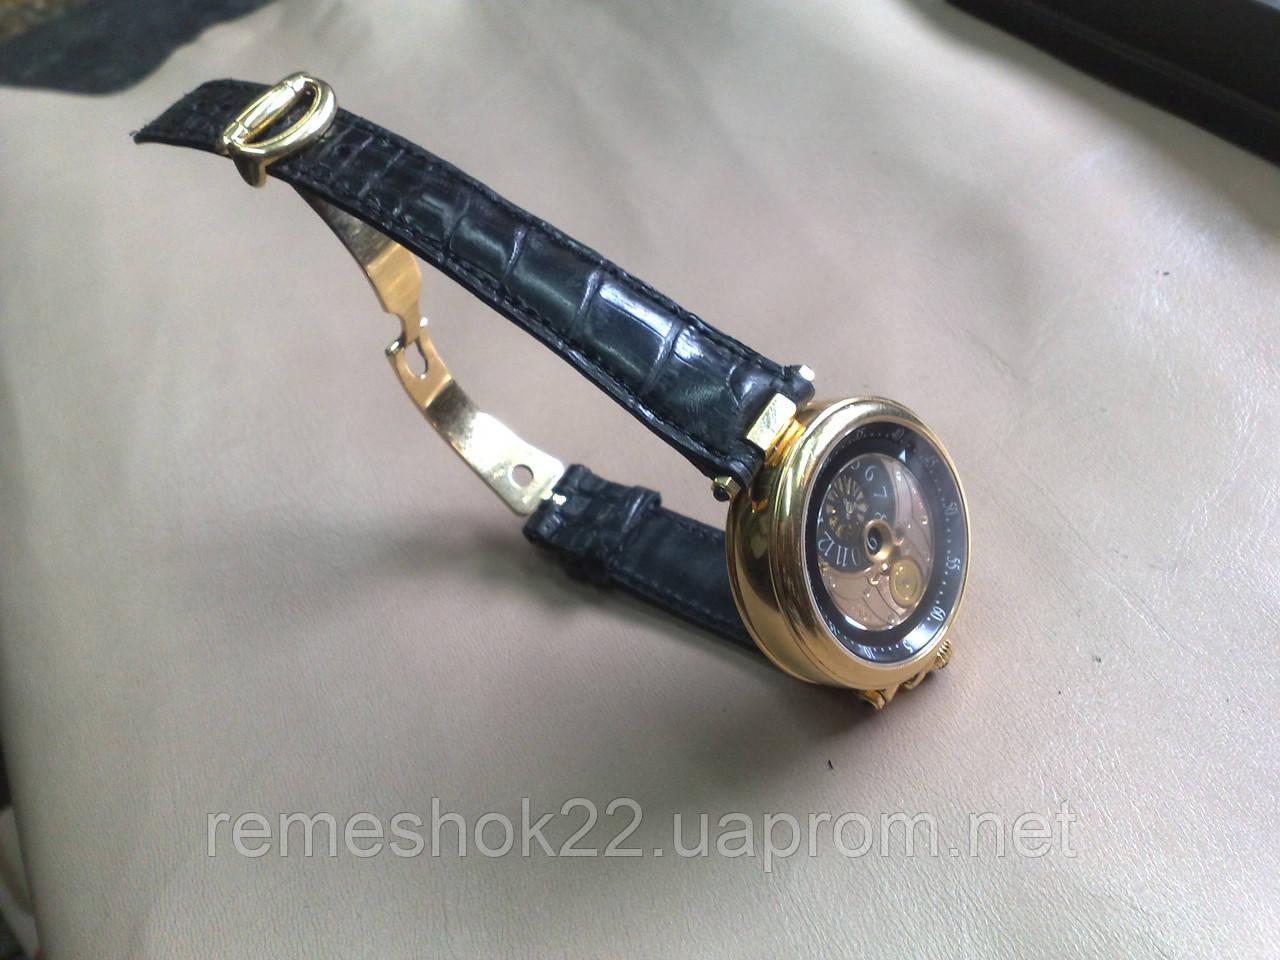 Заказать Ремешок из Крокодила для часов Bovet в Киеве от мастерской ... cd6c9f39e37a1